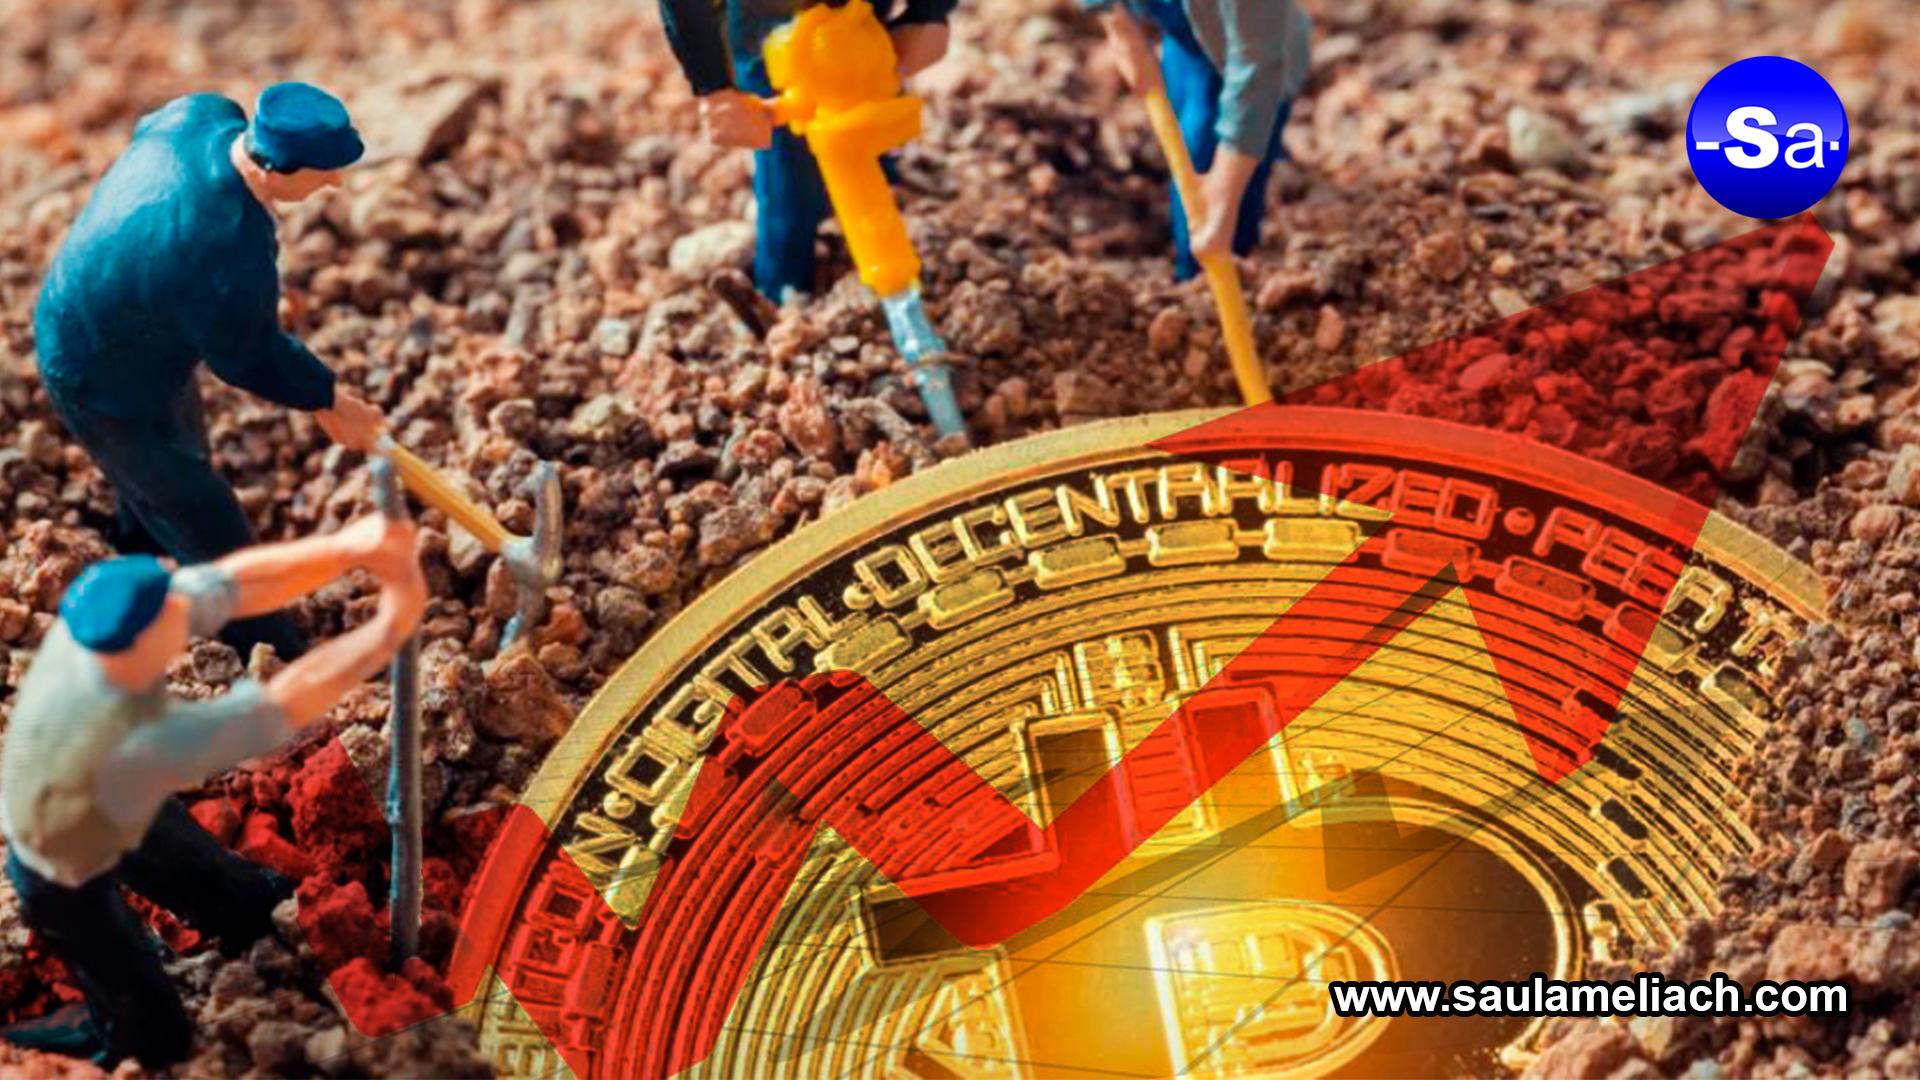 mineria de criptoactivos - rusia - saul ameliach